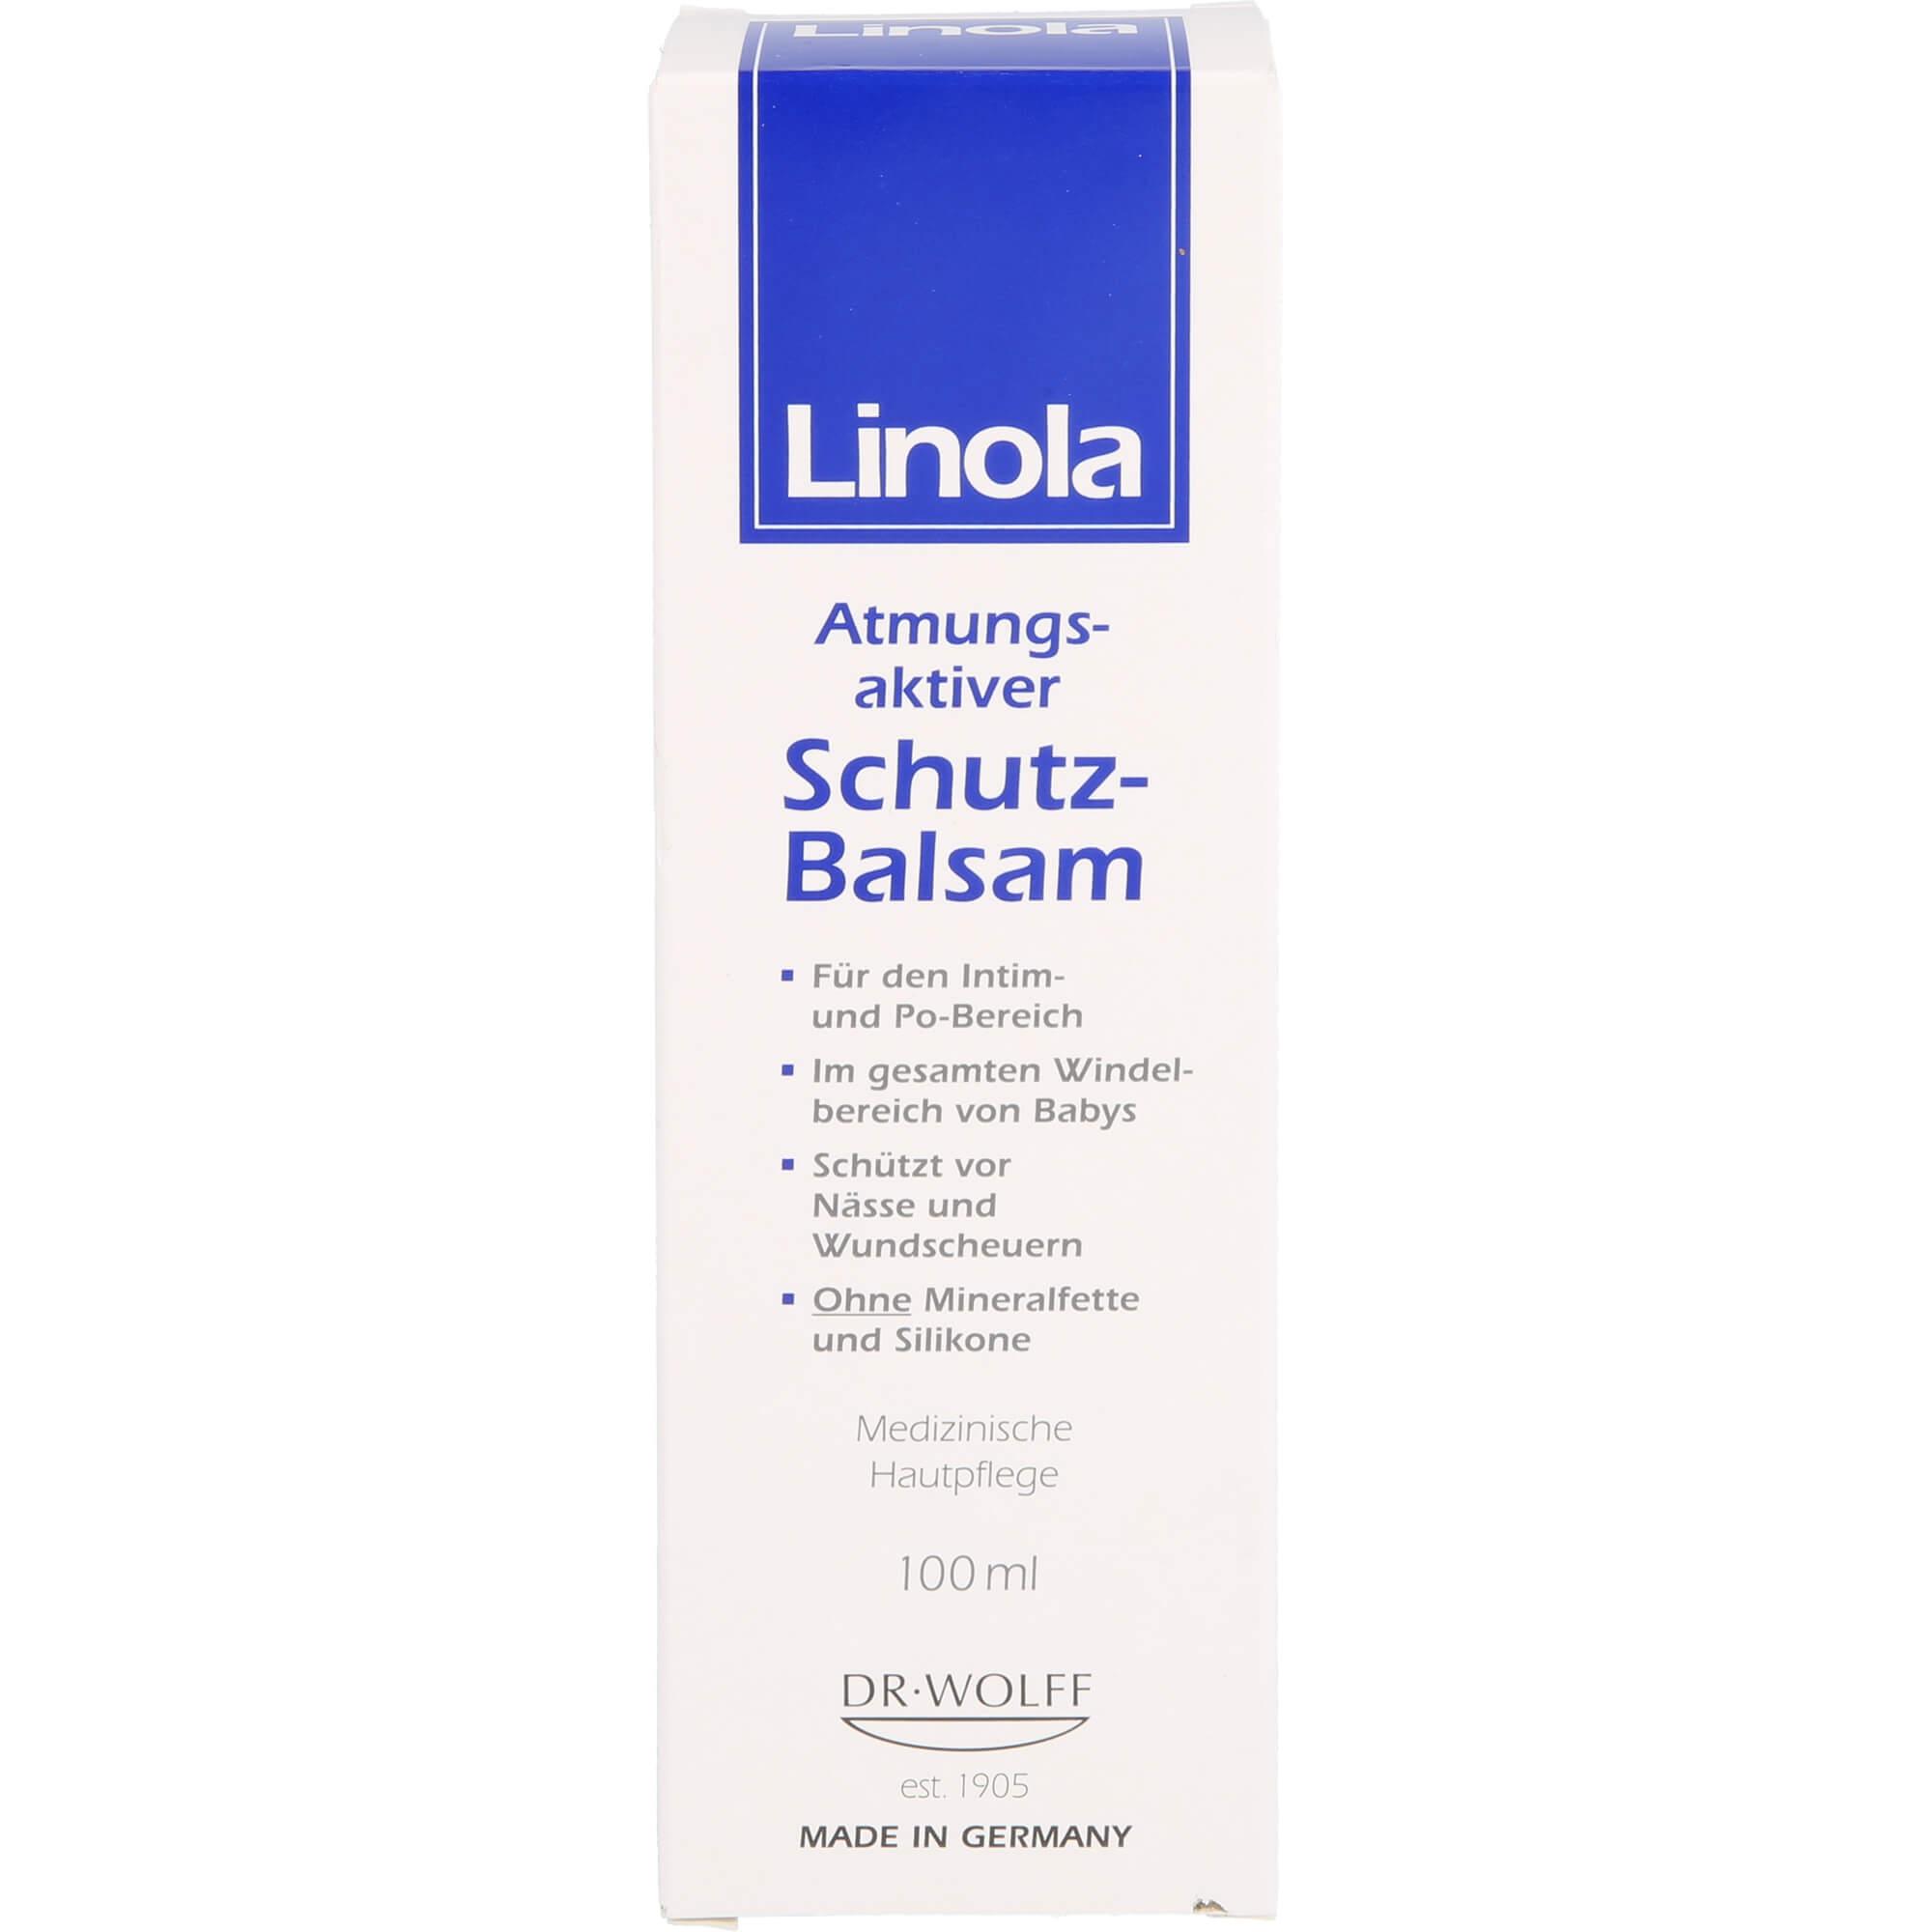 LINOLA-Schutz-Balsam